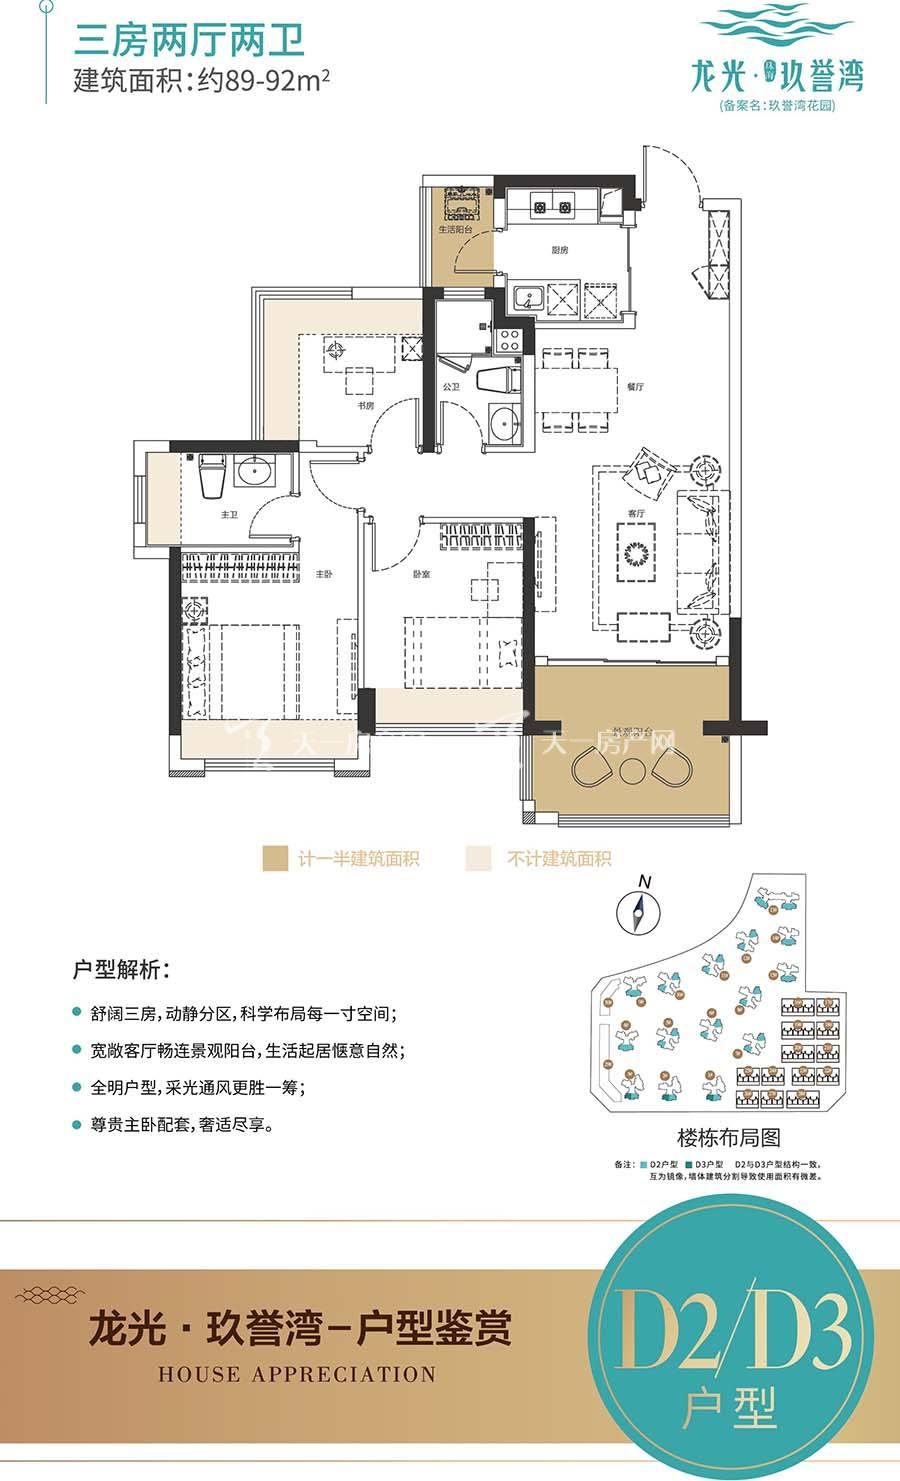 龙光玖誉湾D2/D3户型/三房两厅两卫/建筑面积:约89-92m²